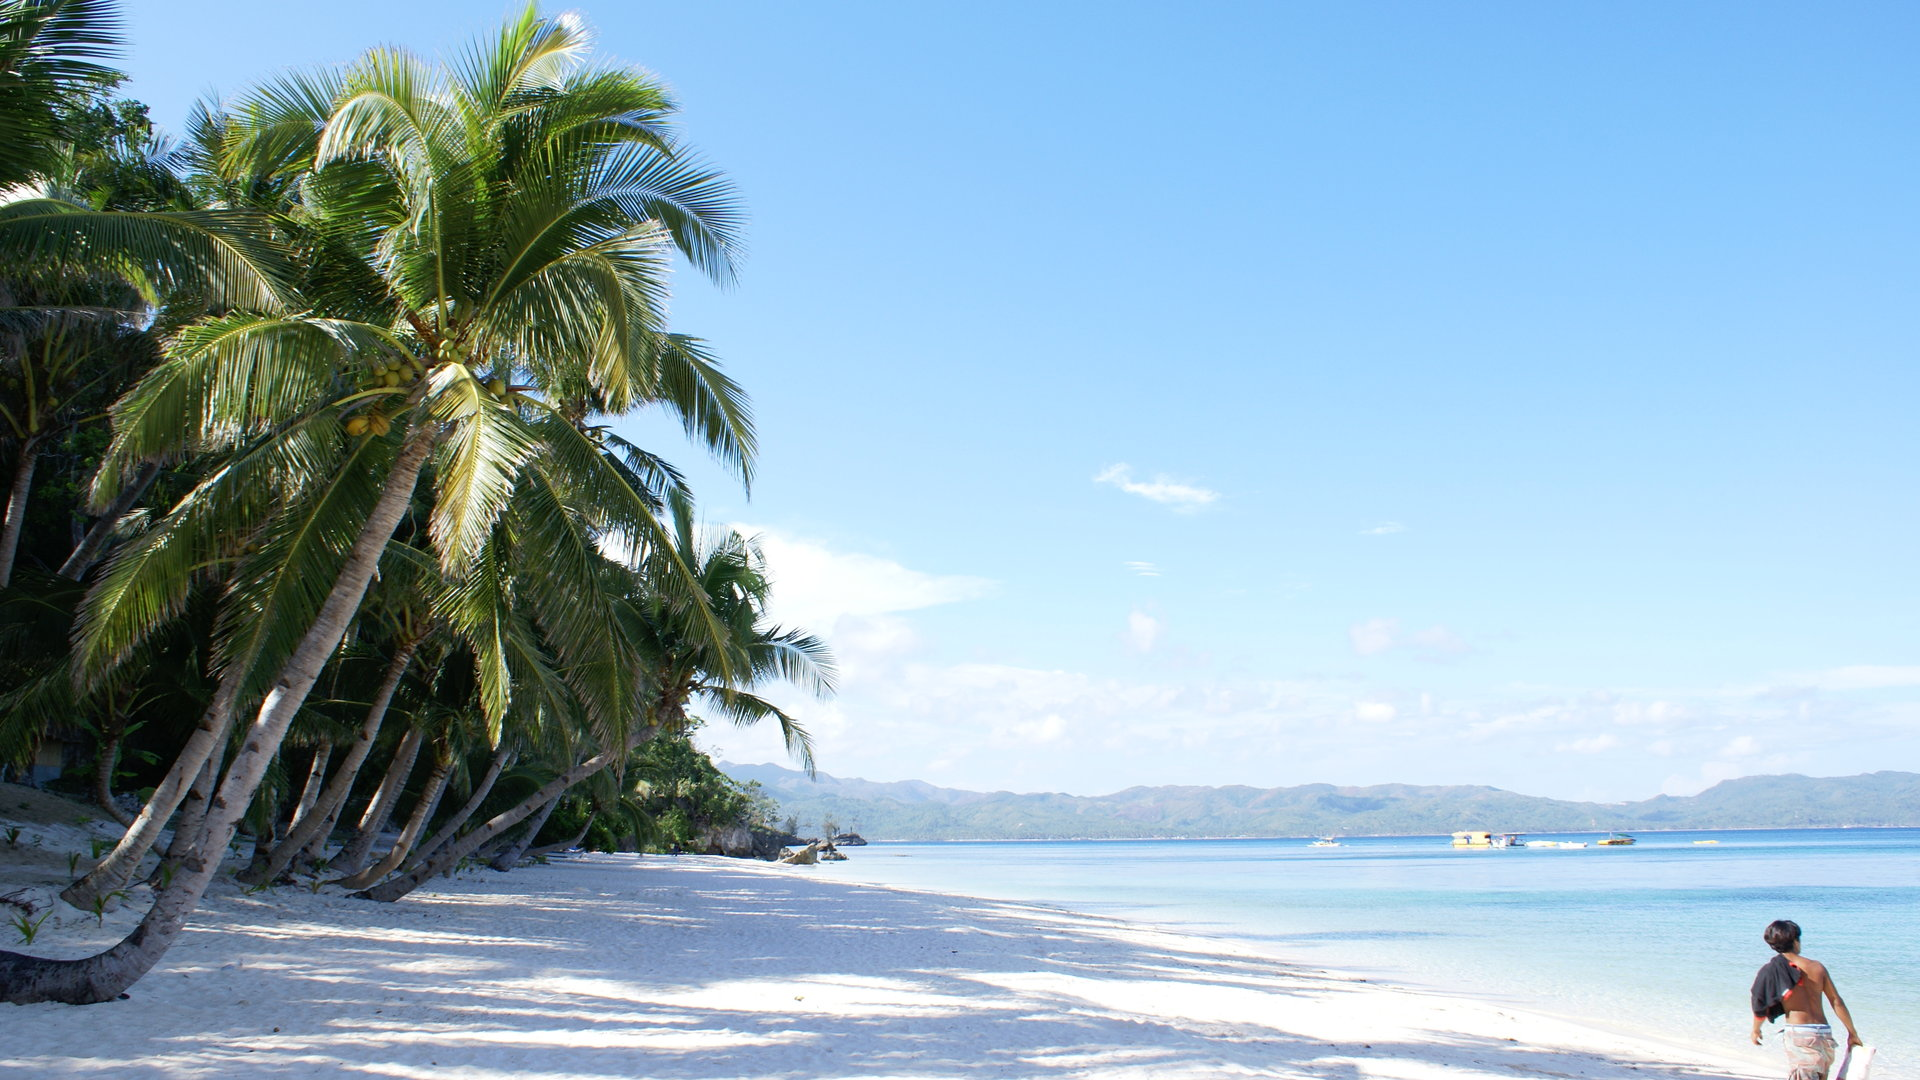 beach island photo